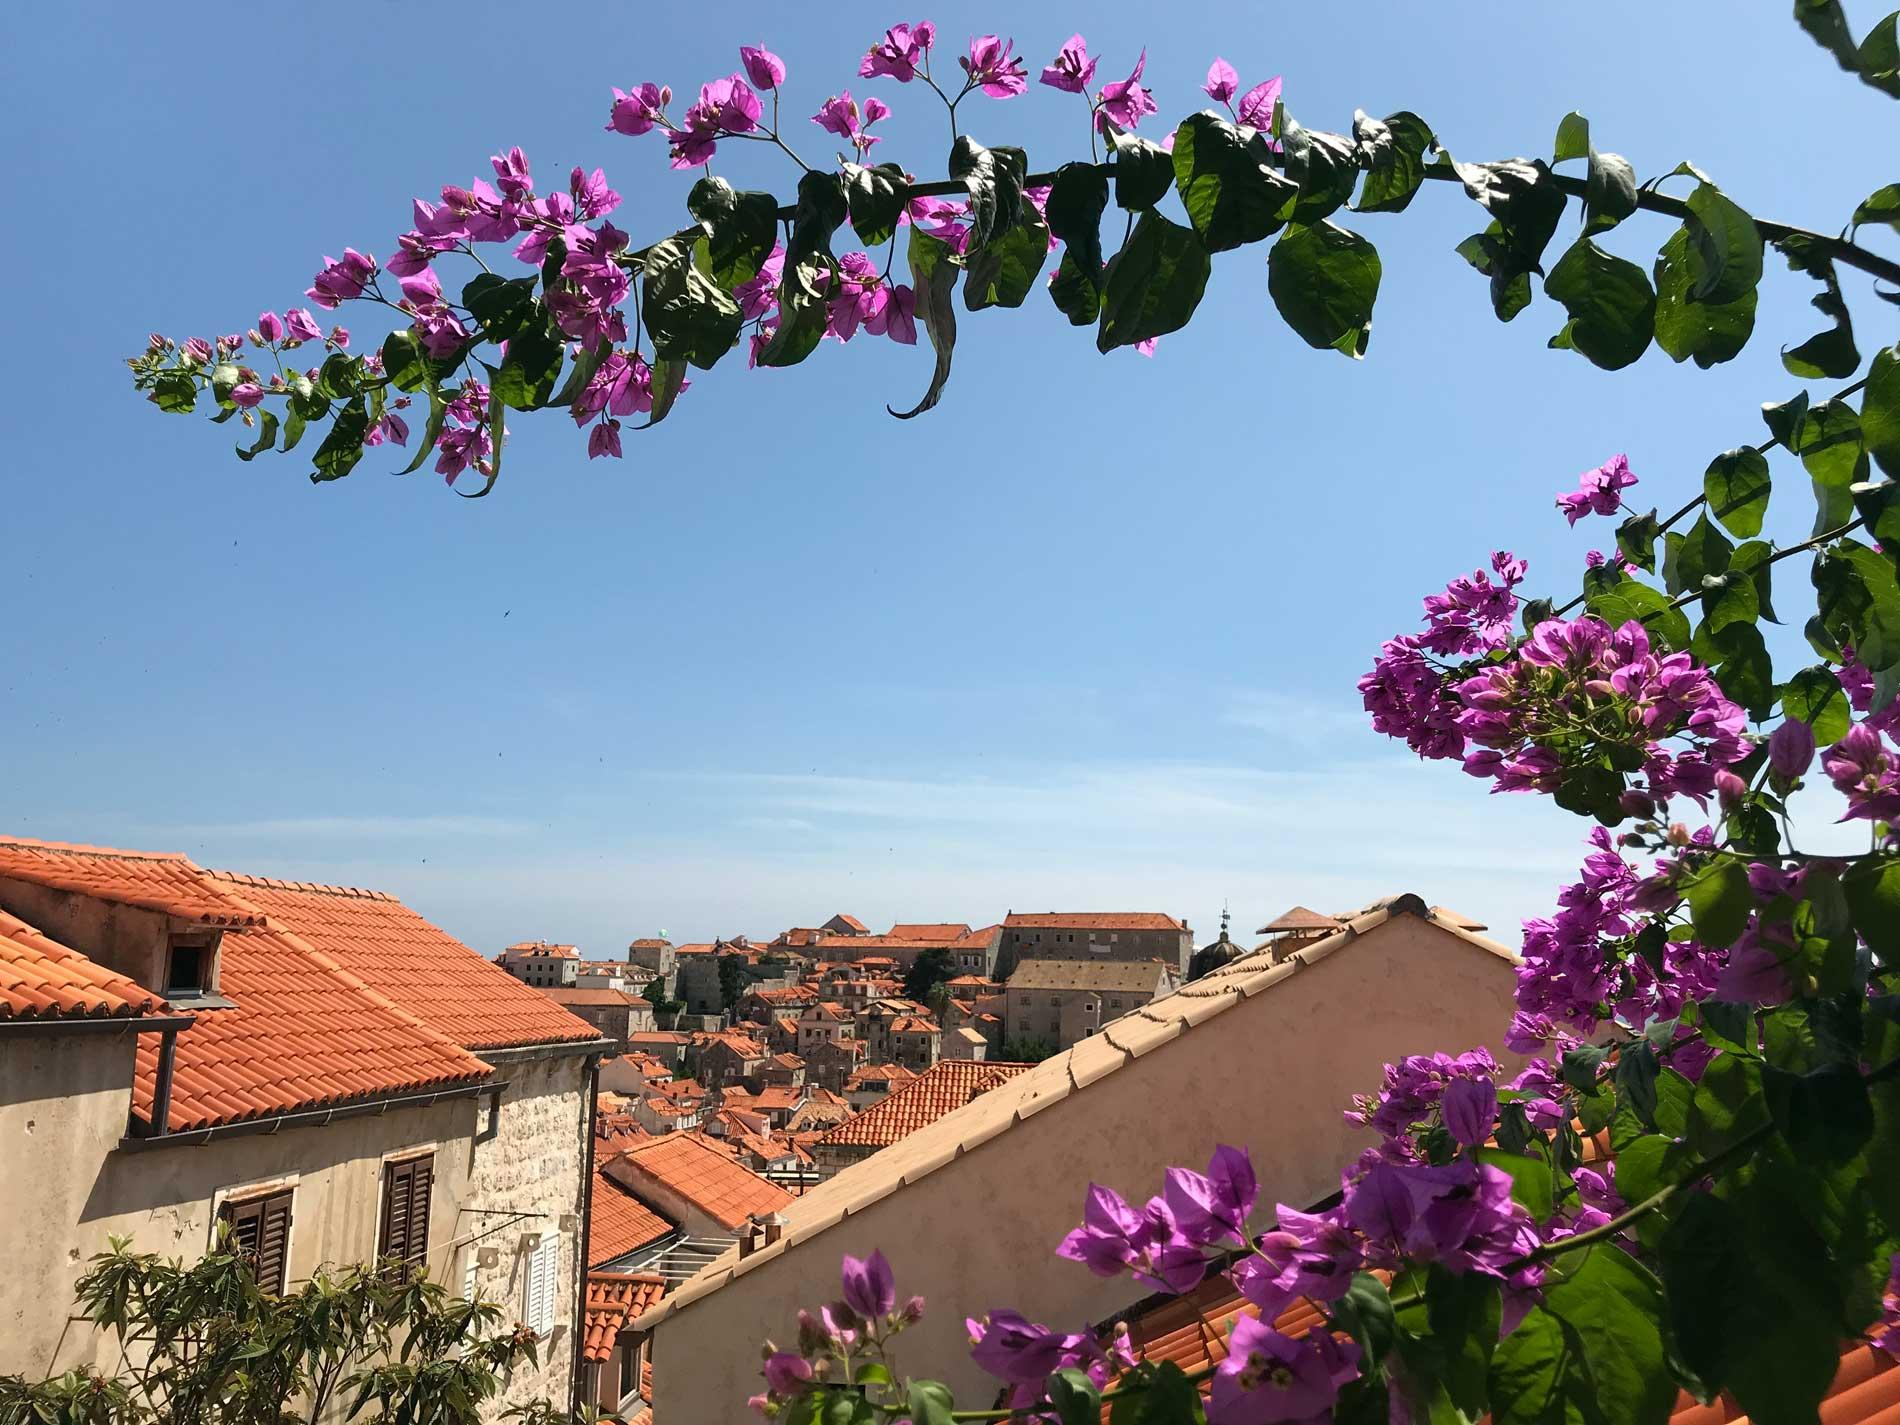 Dubrovnik-Croazia-panorama-Citta-Vecchia-buganvillea-tetti-rossi-cielo